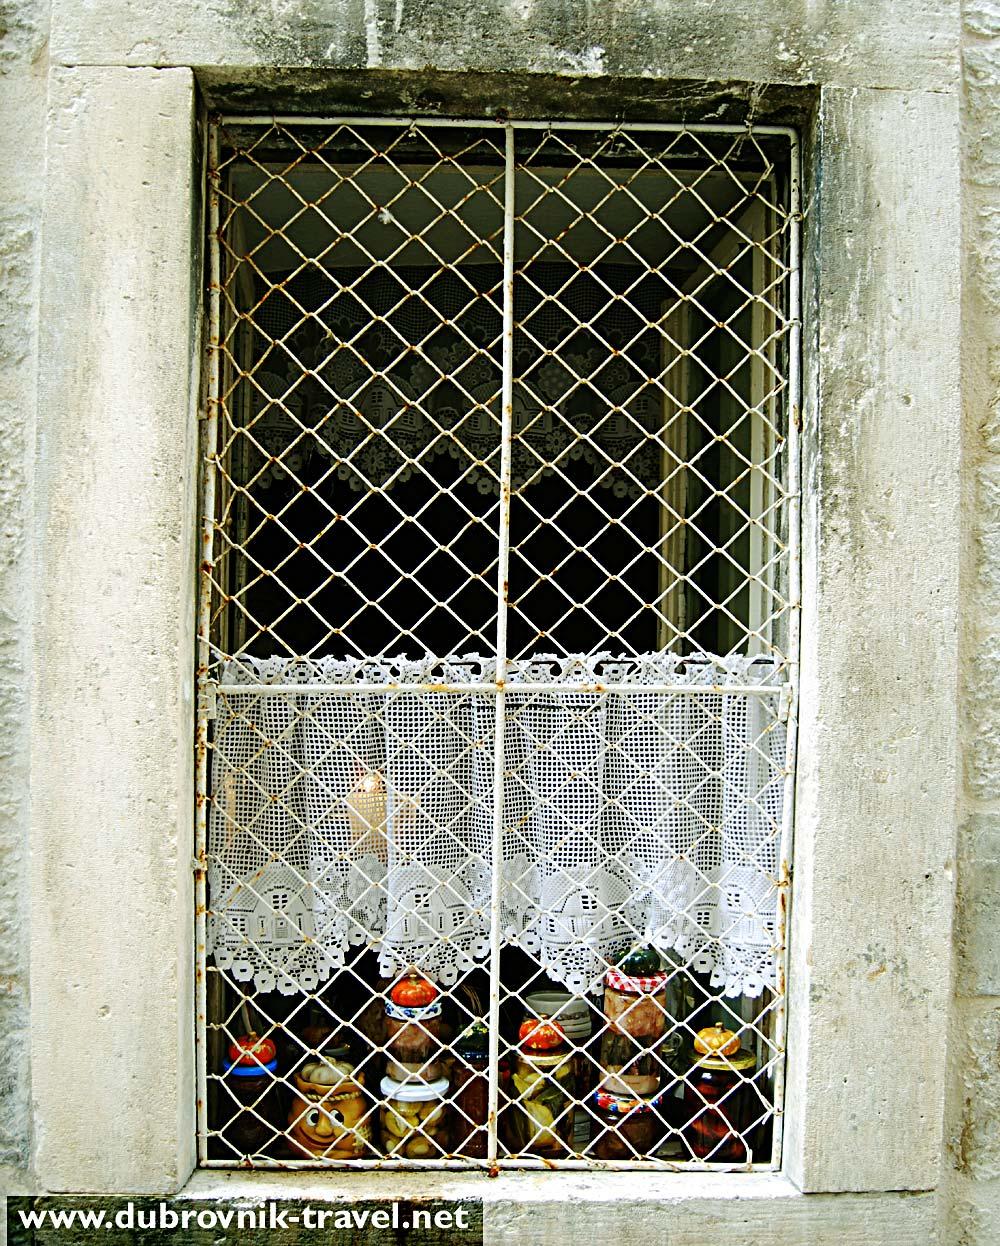 romantic window in dubrovnik